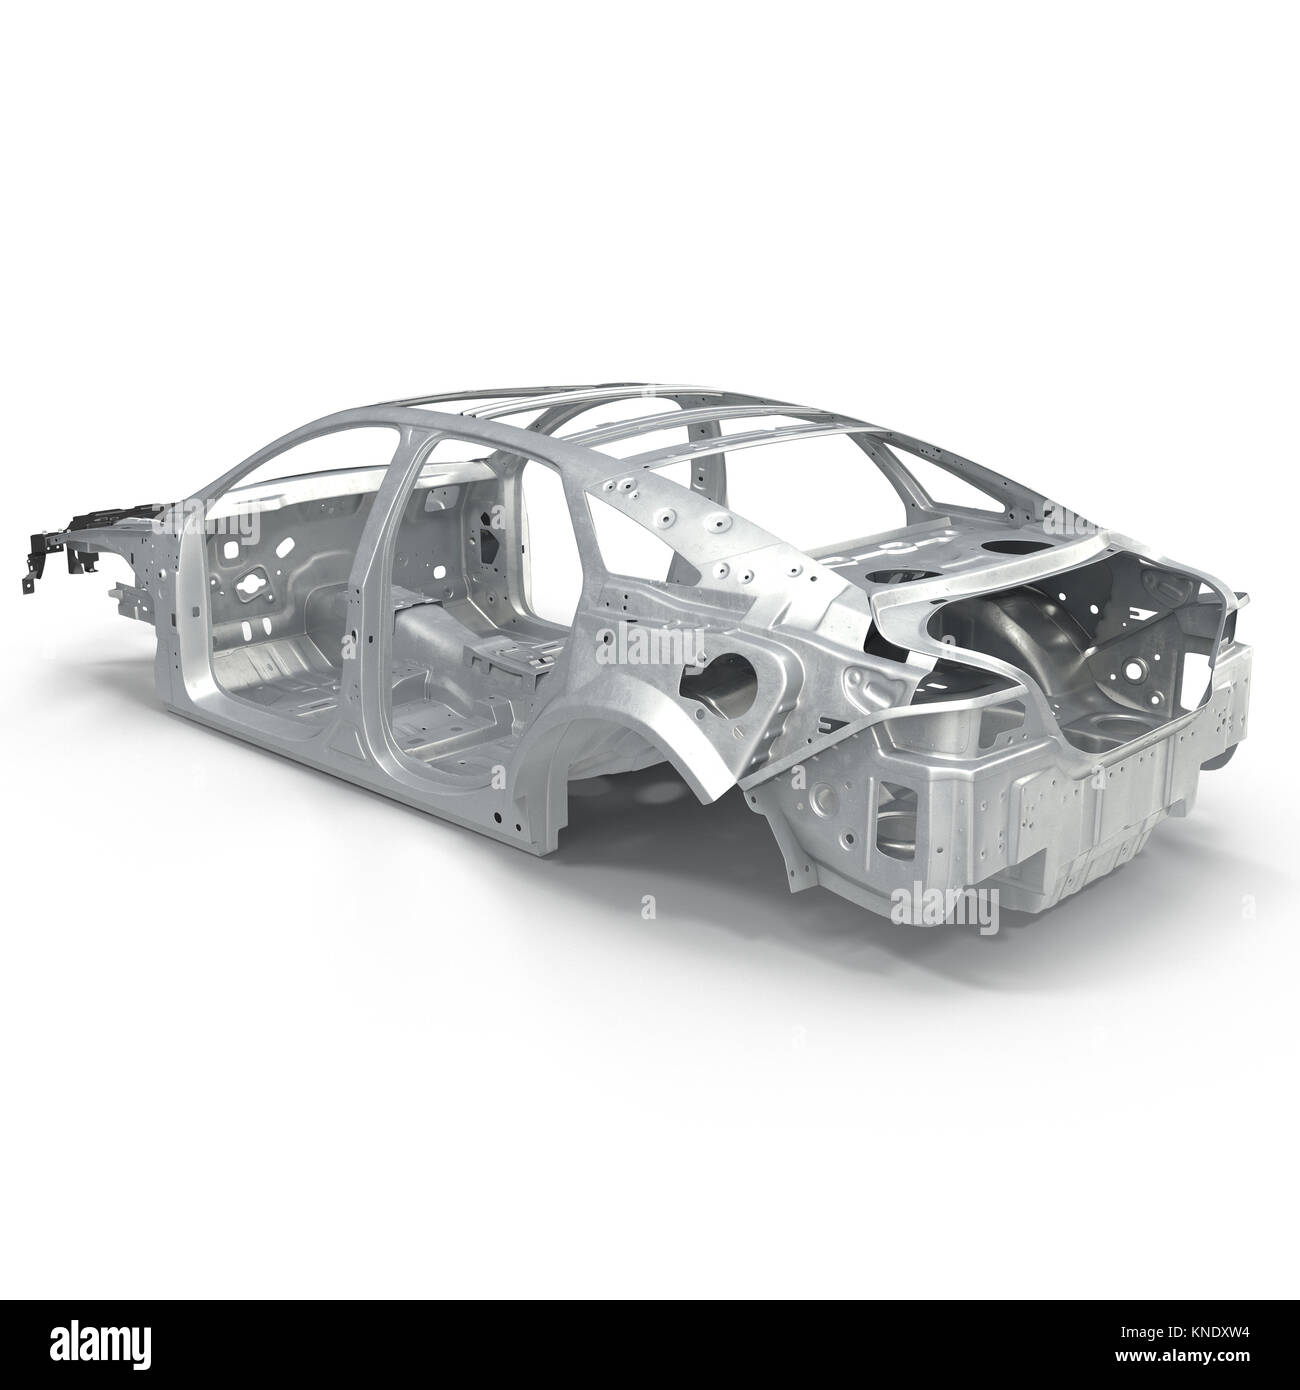 Auto Rahmen ohne Fahrgestell auf Weiß. 3D-Darstellung Stockfoto ...